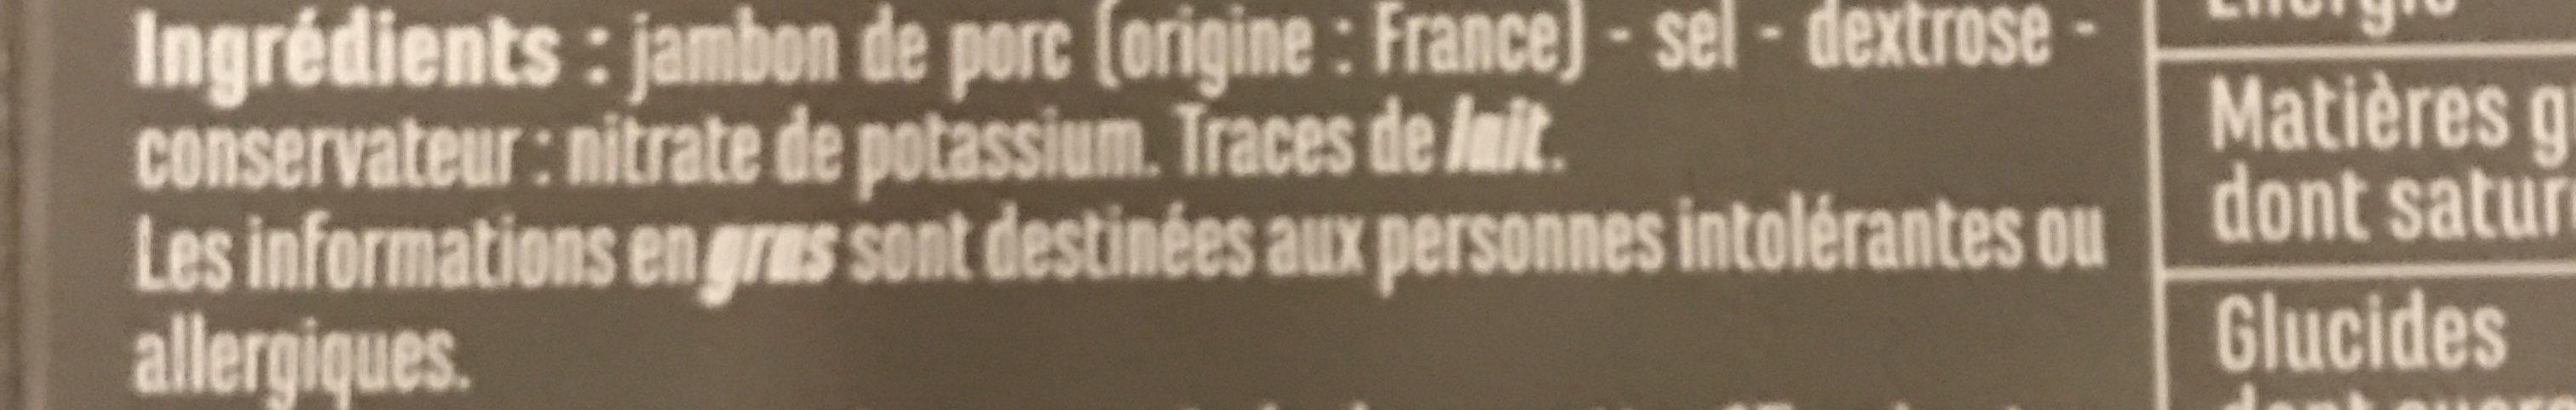 Jambon sec Label Rouge - Ingrediënten